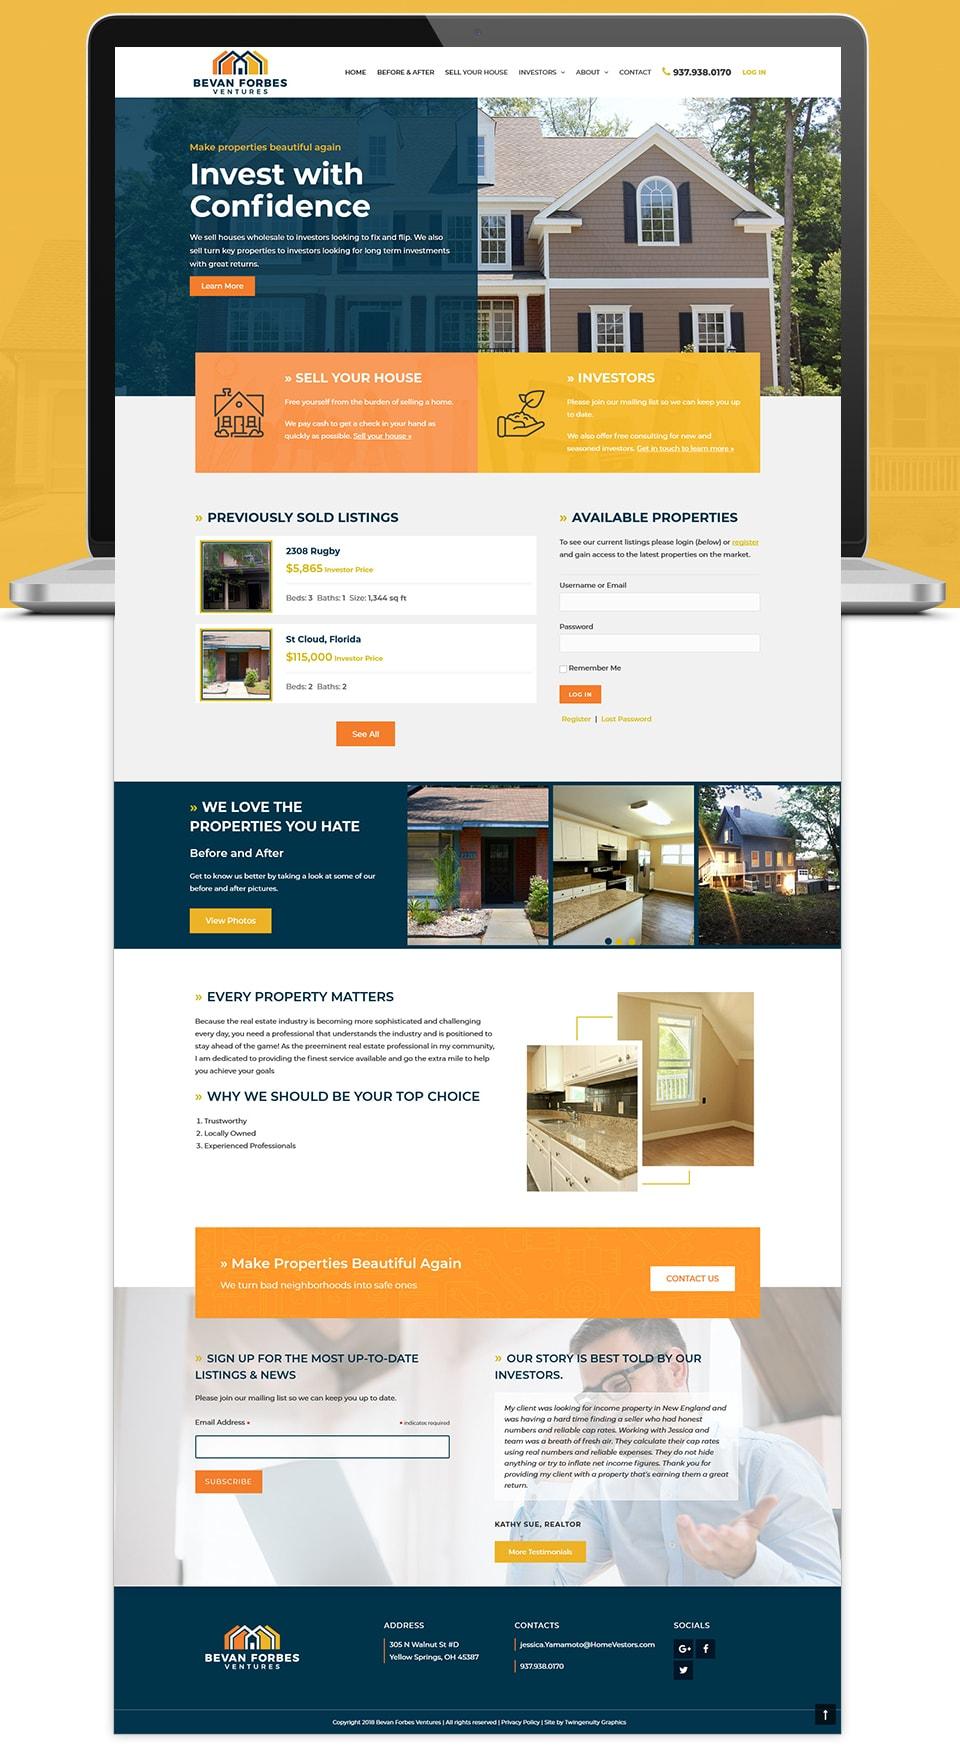 bevan forbes realtor website design